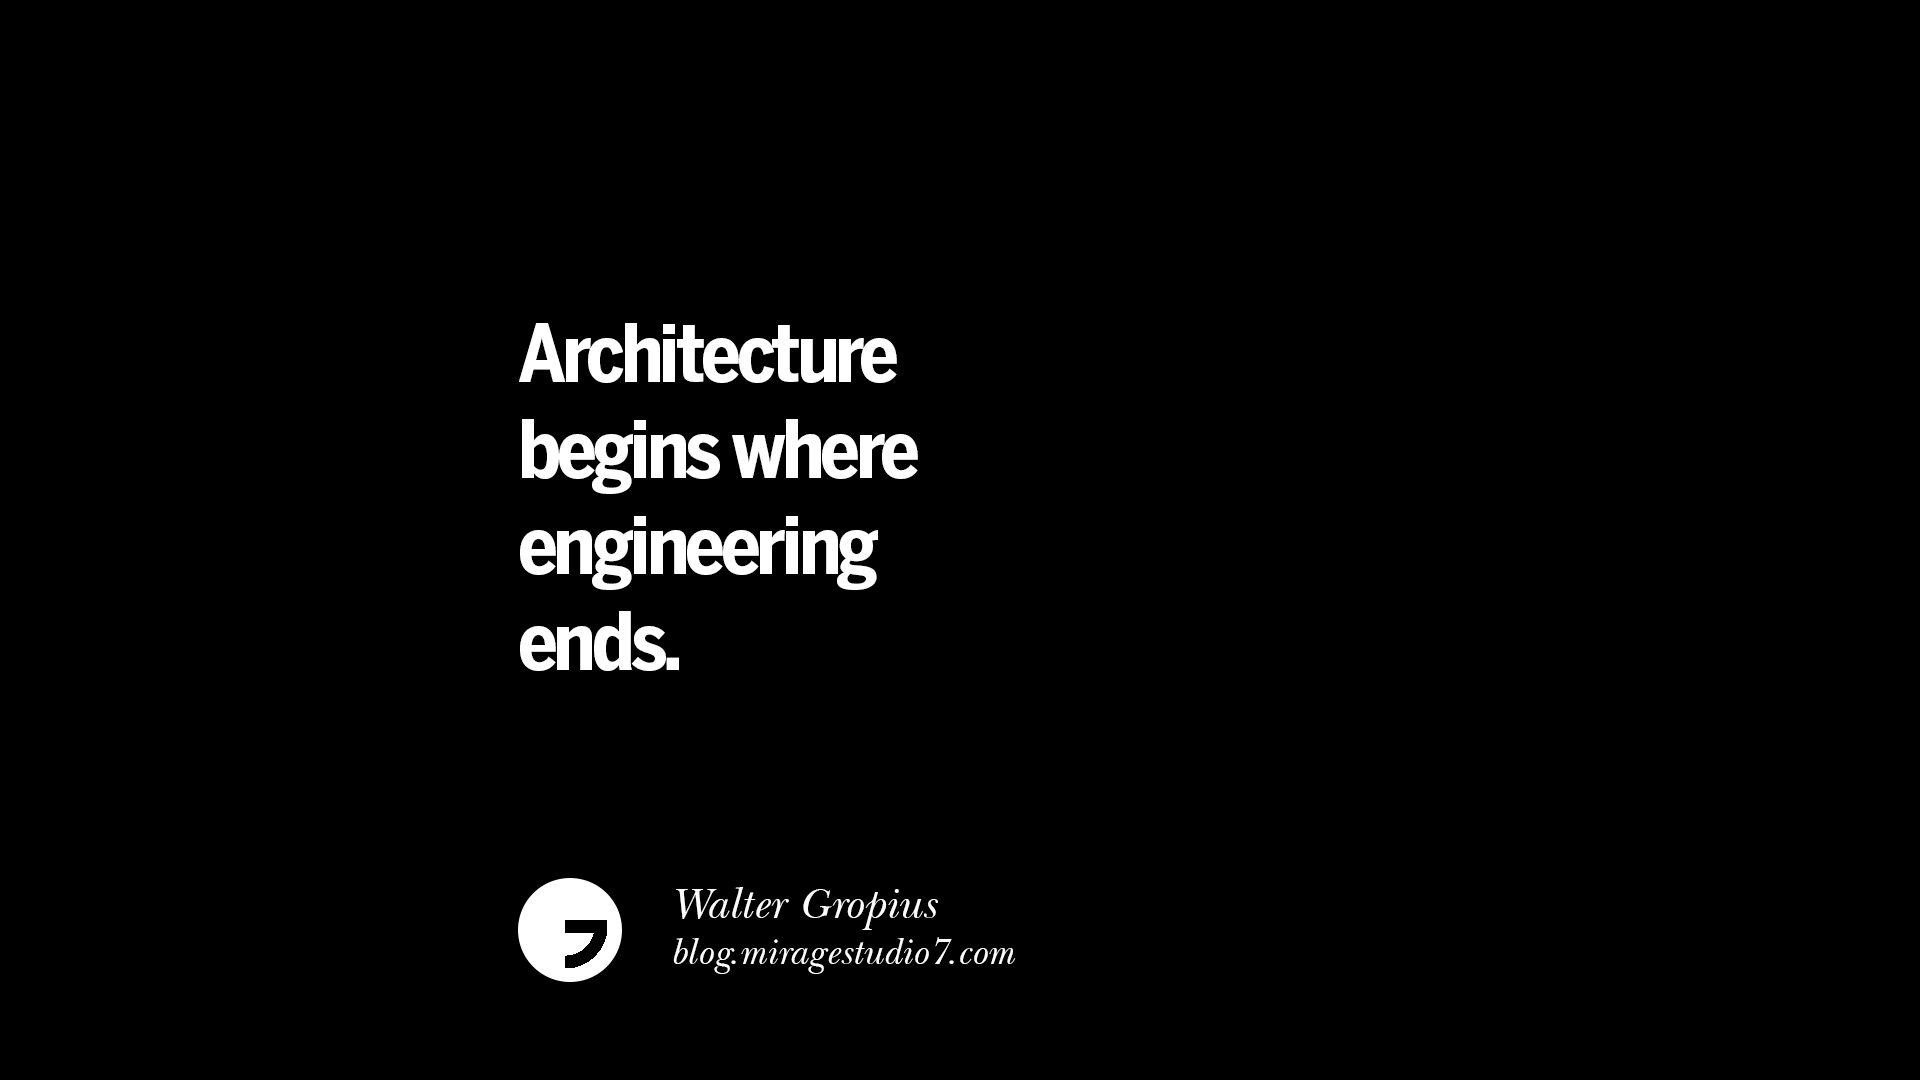 walter_gropius_quote